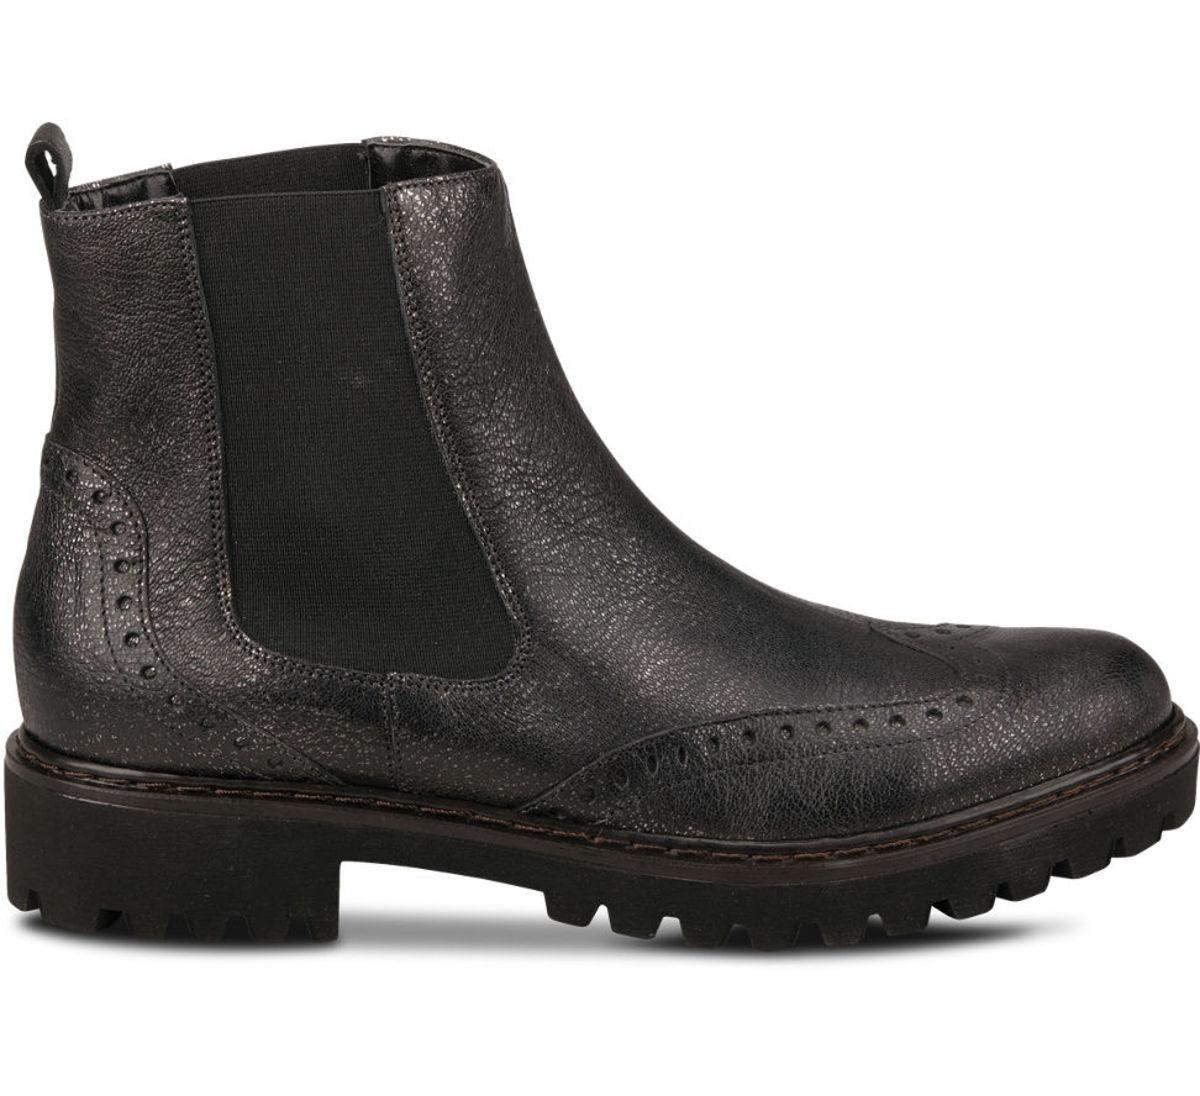 Bild 3 von Varese Chelsea-Boots